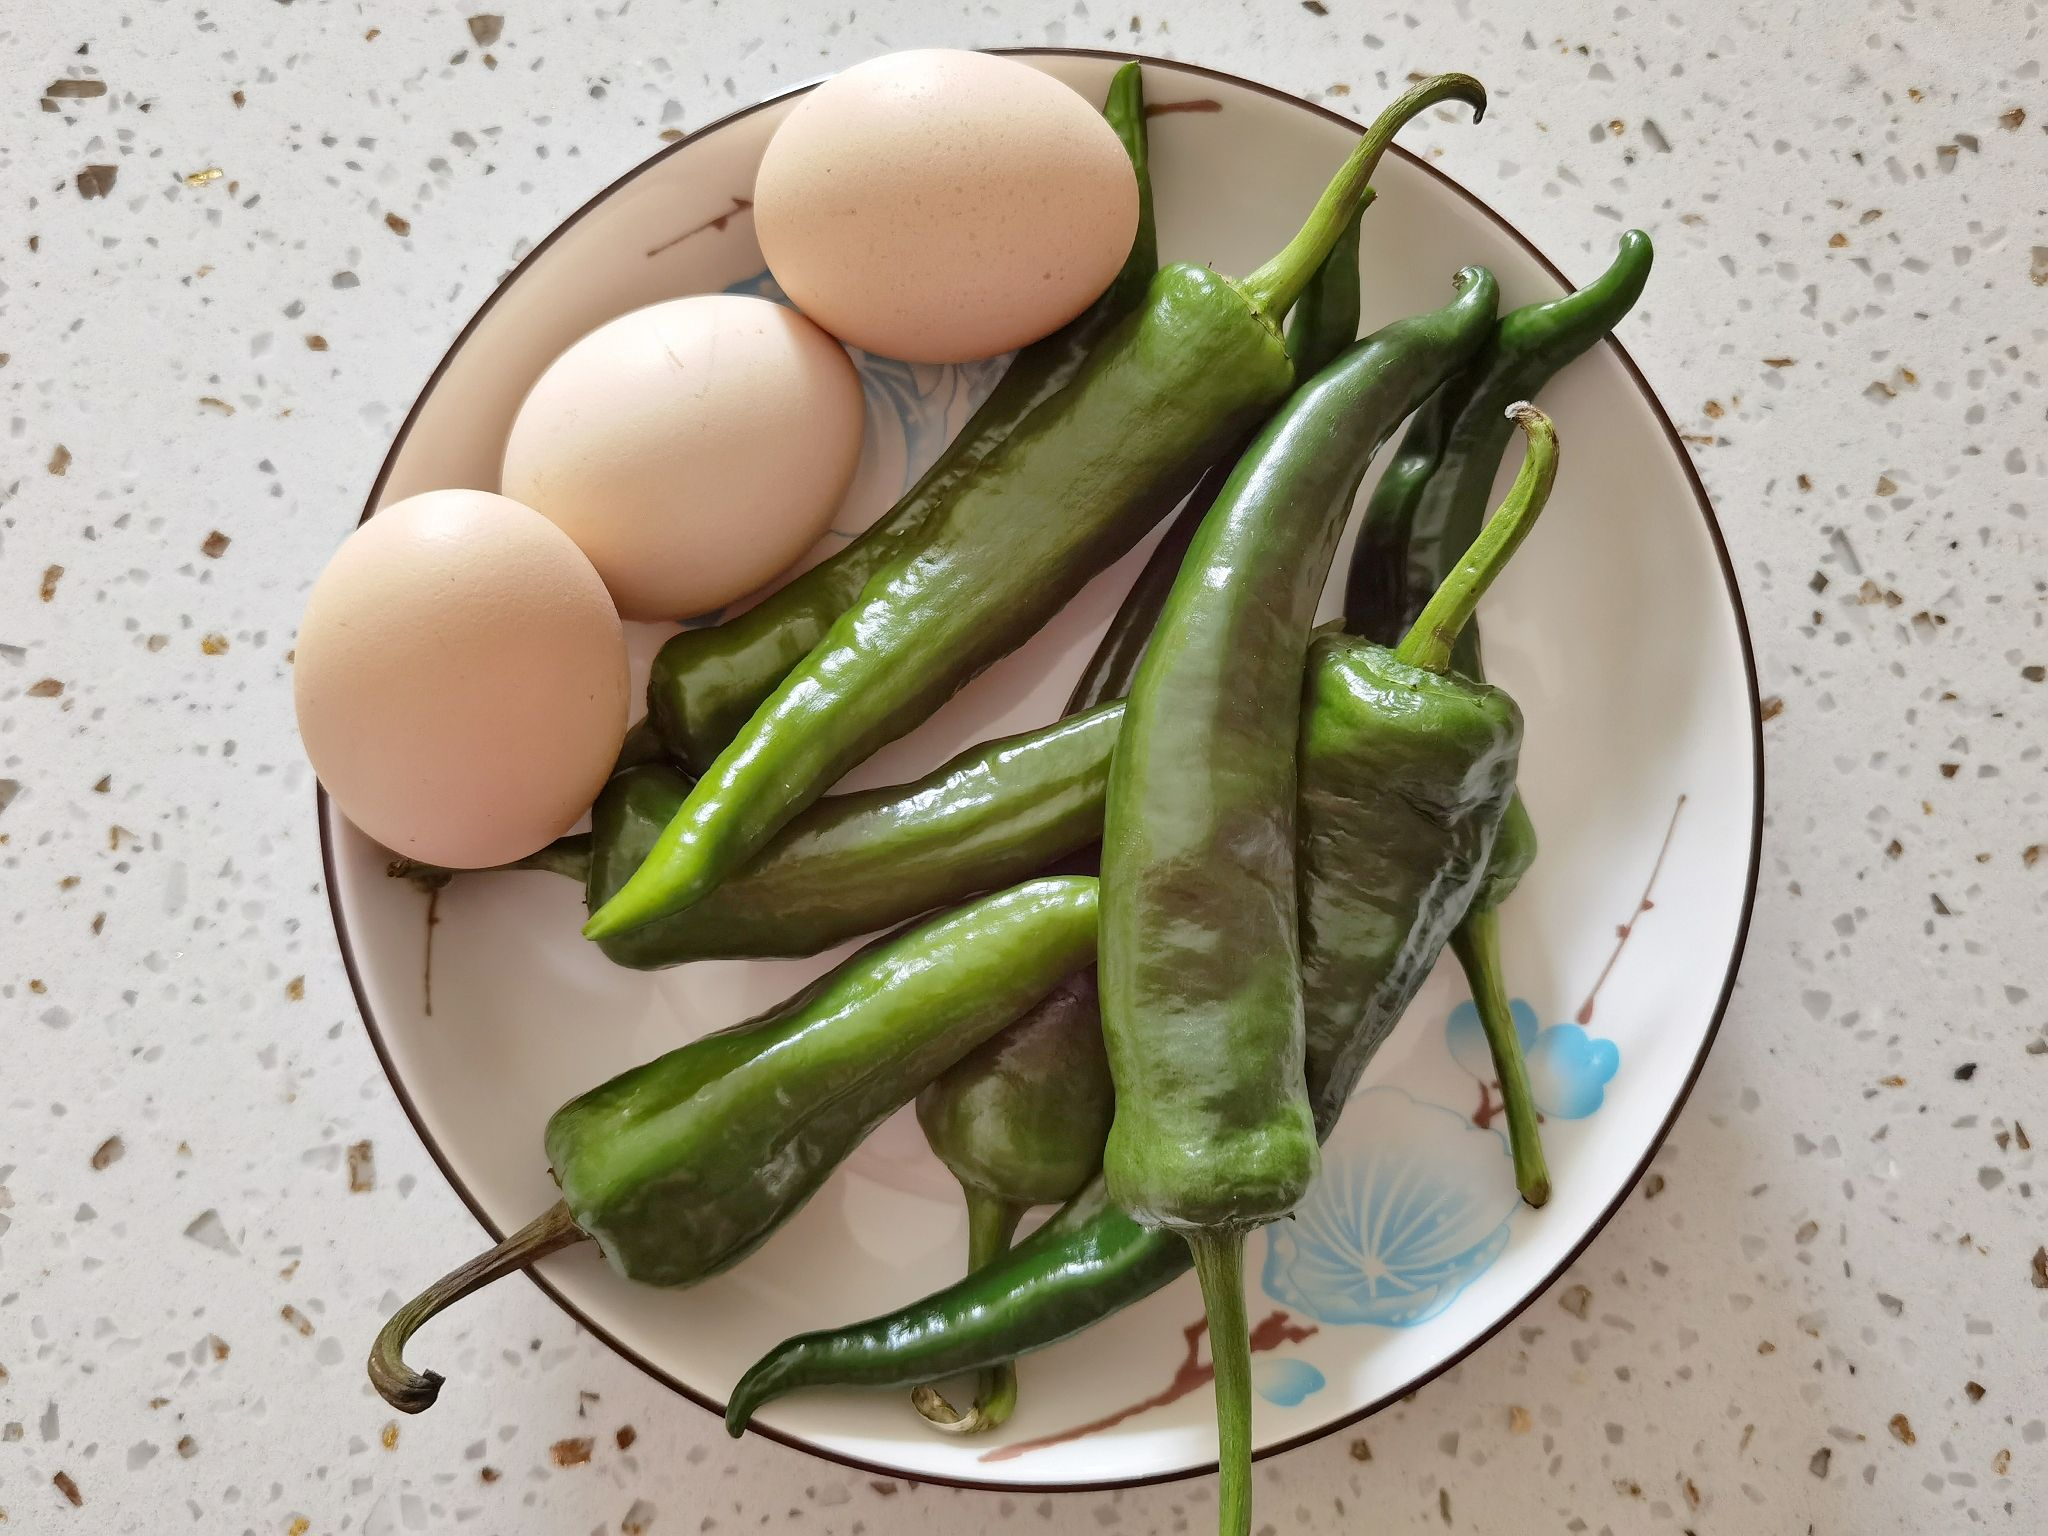 连盐都不用放的青椒炒蛋,炒1盘米饭吃2碗,就是这么简单又下饭的步骤